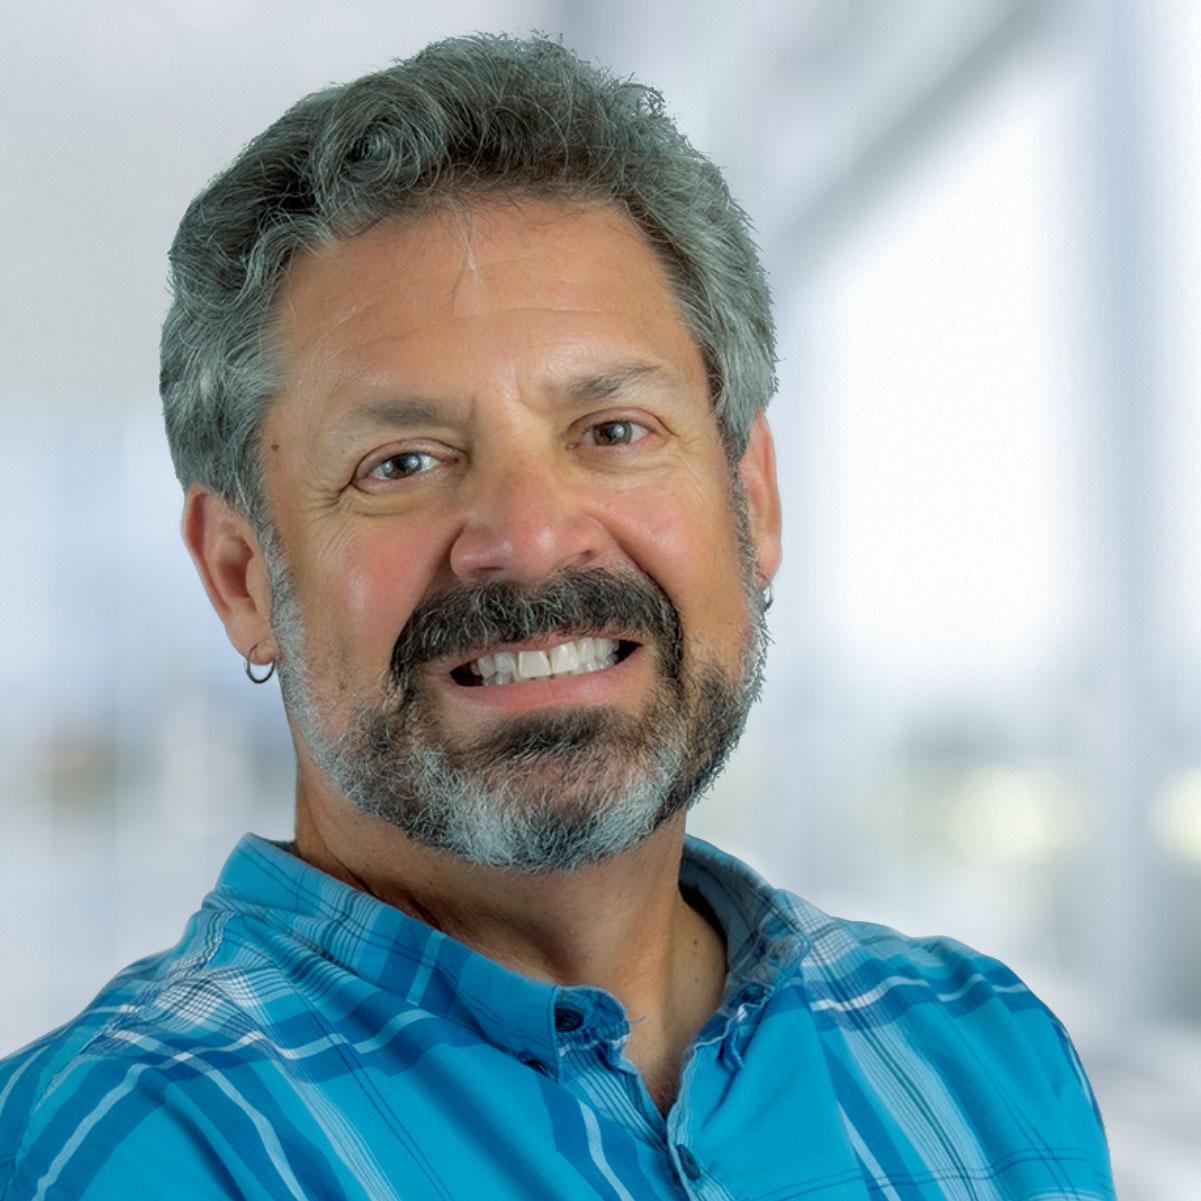 James Graziano, PhD